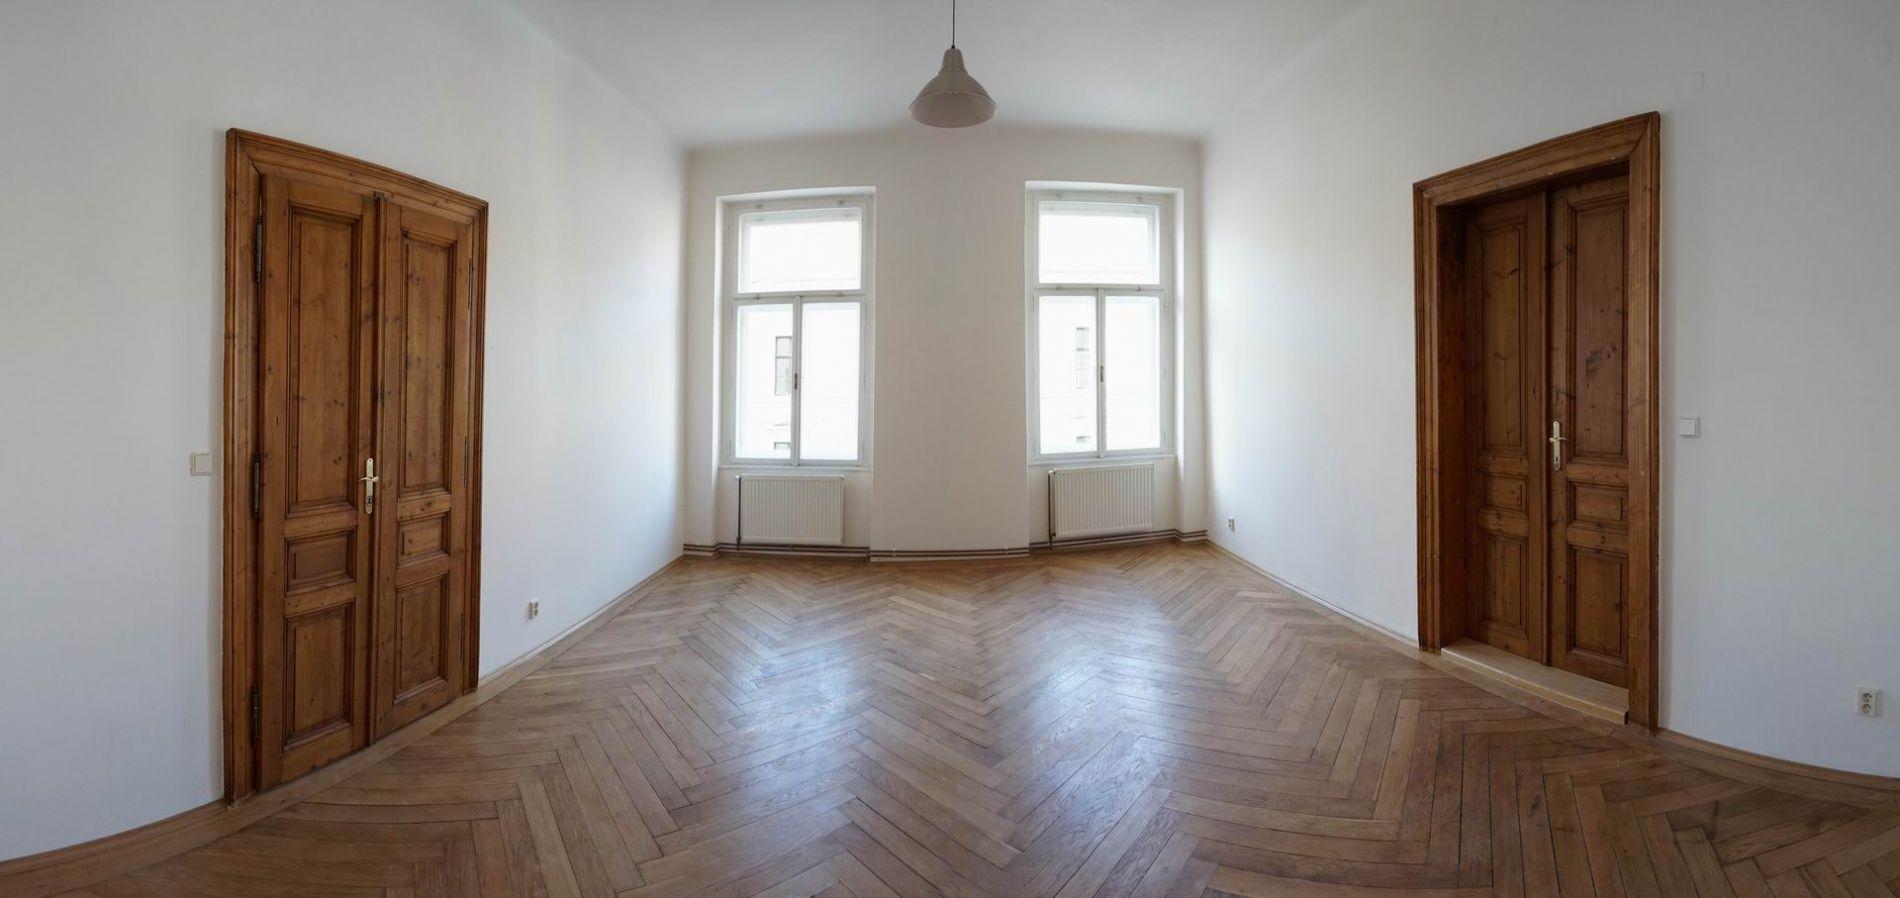 Prostorný byt na Smíchově 4+1 s balkonem a zimní zahradou